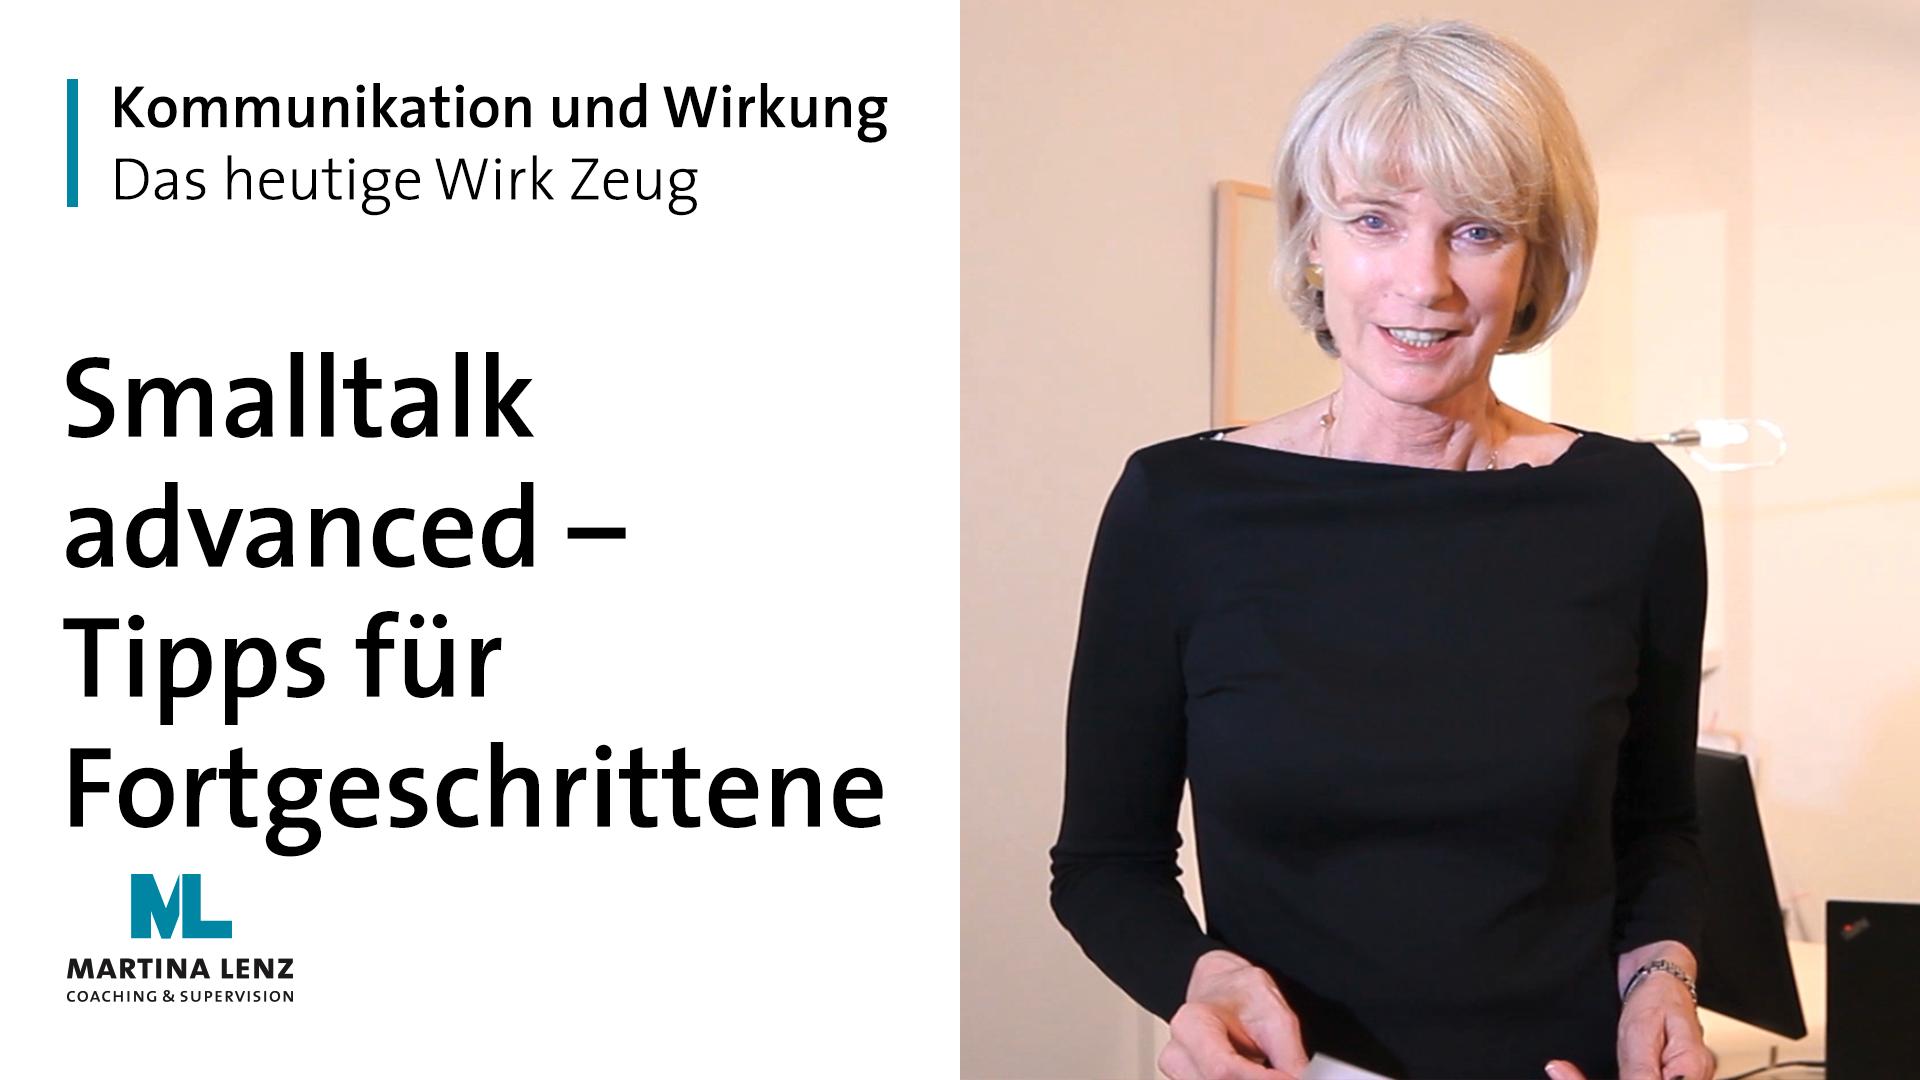 """WIRK ZEUG """"Smalltalk advanced- Tipps für Fortgeschrittene"""""""